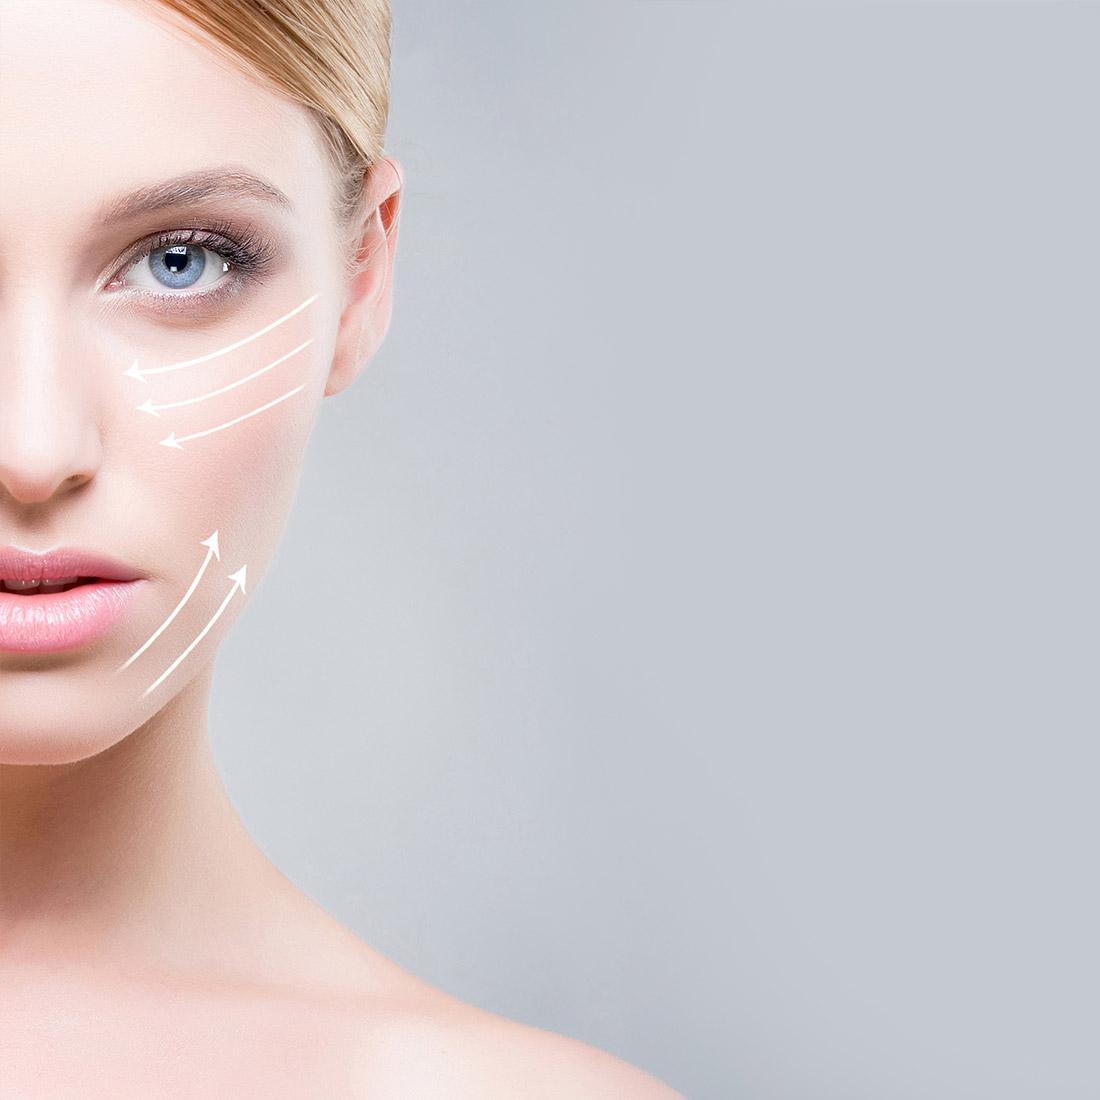 Πορτρέτο νεαρής κοπέλας που προετοιμάζεται για δερματολογική θεραπεία με διάτρητα λευκά βέλη στο πρόσωπό της